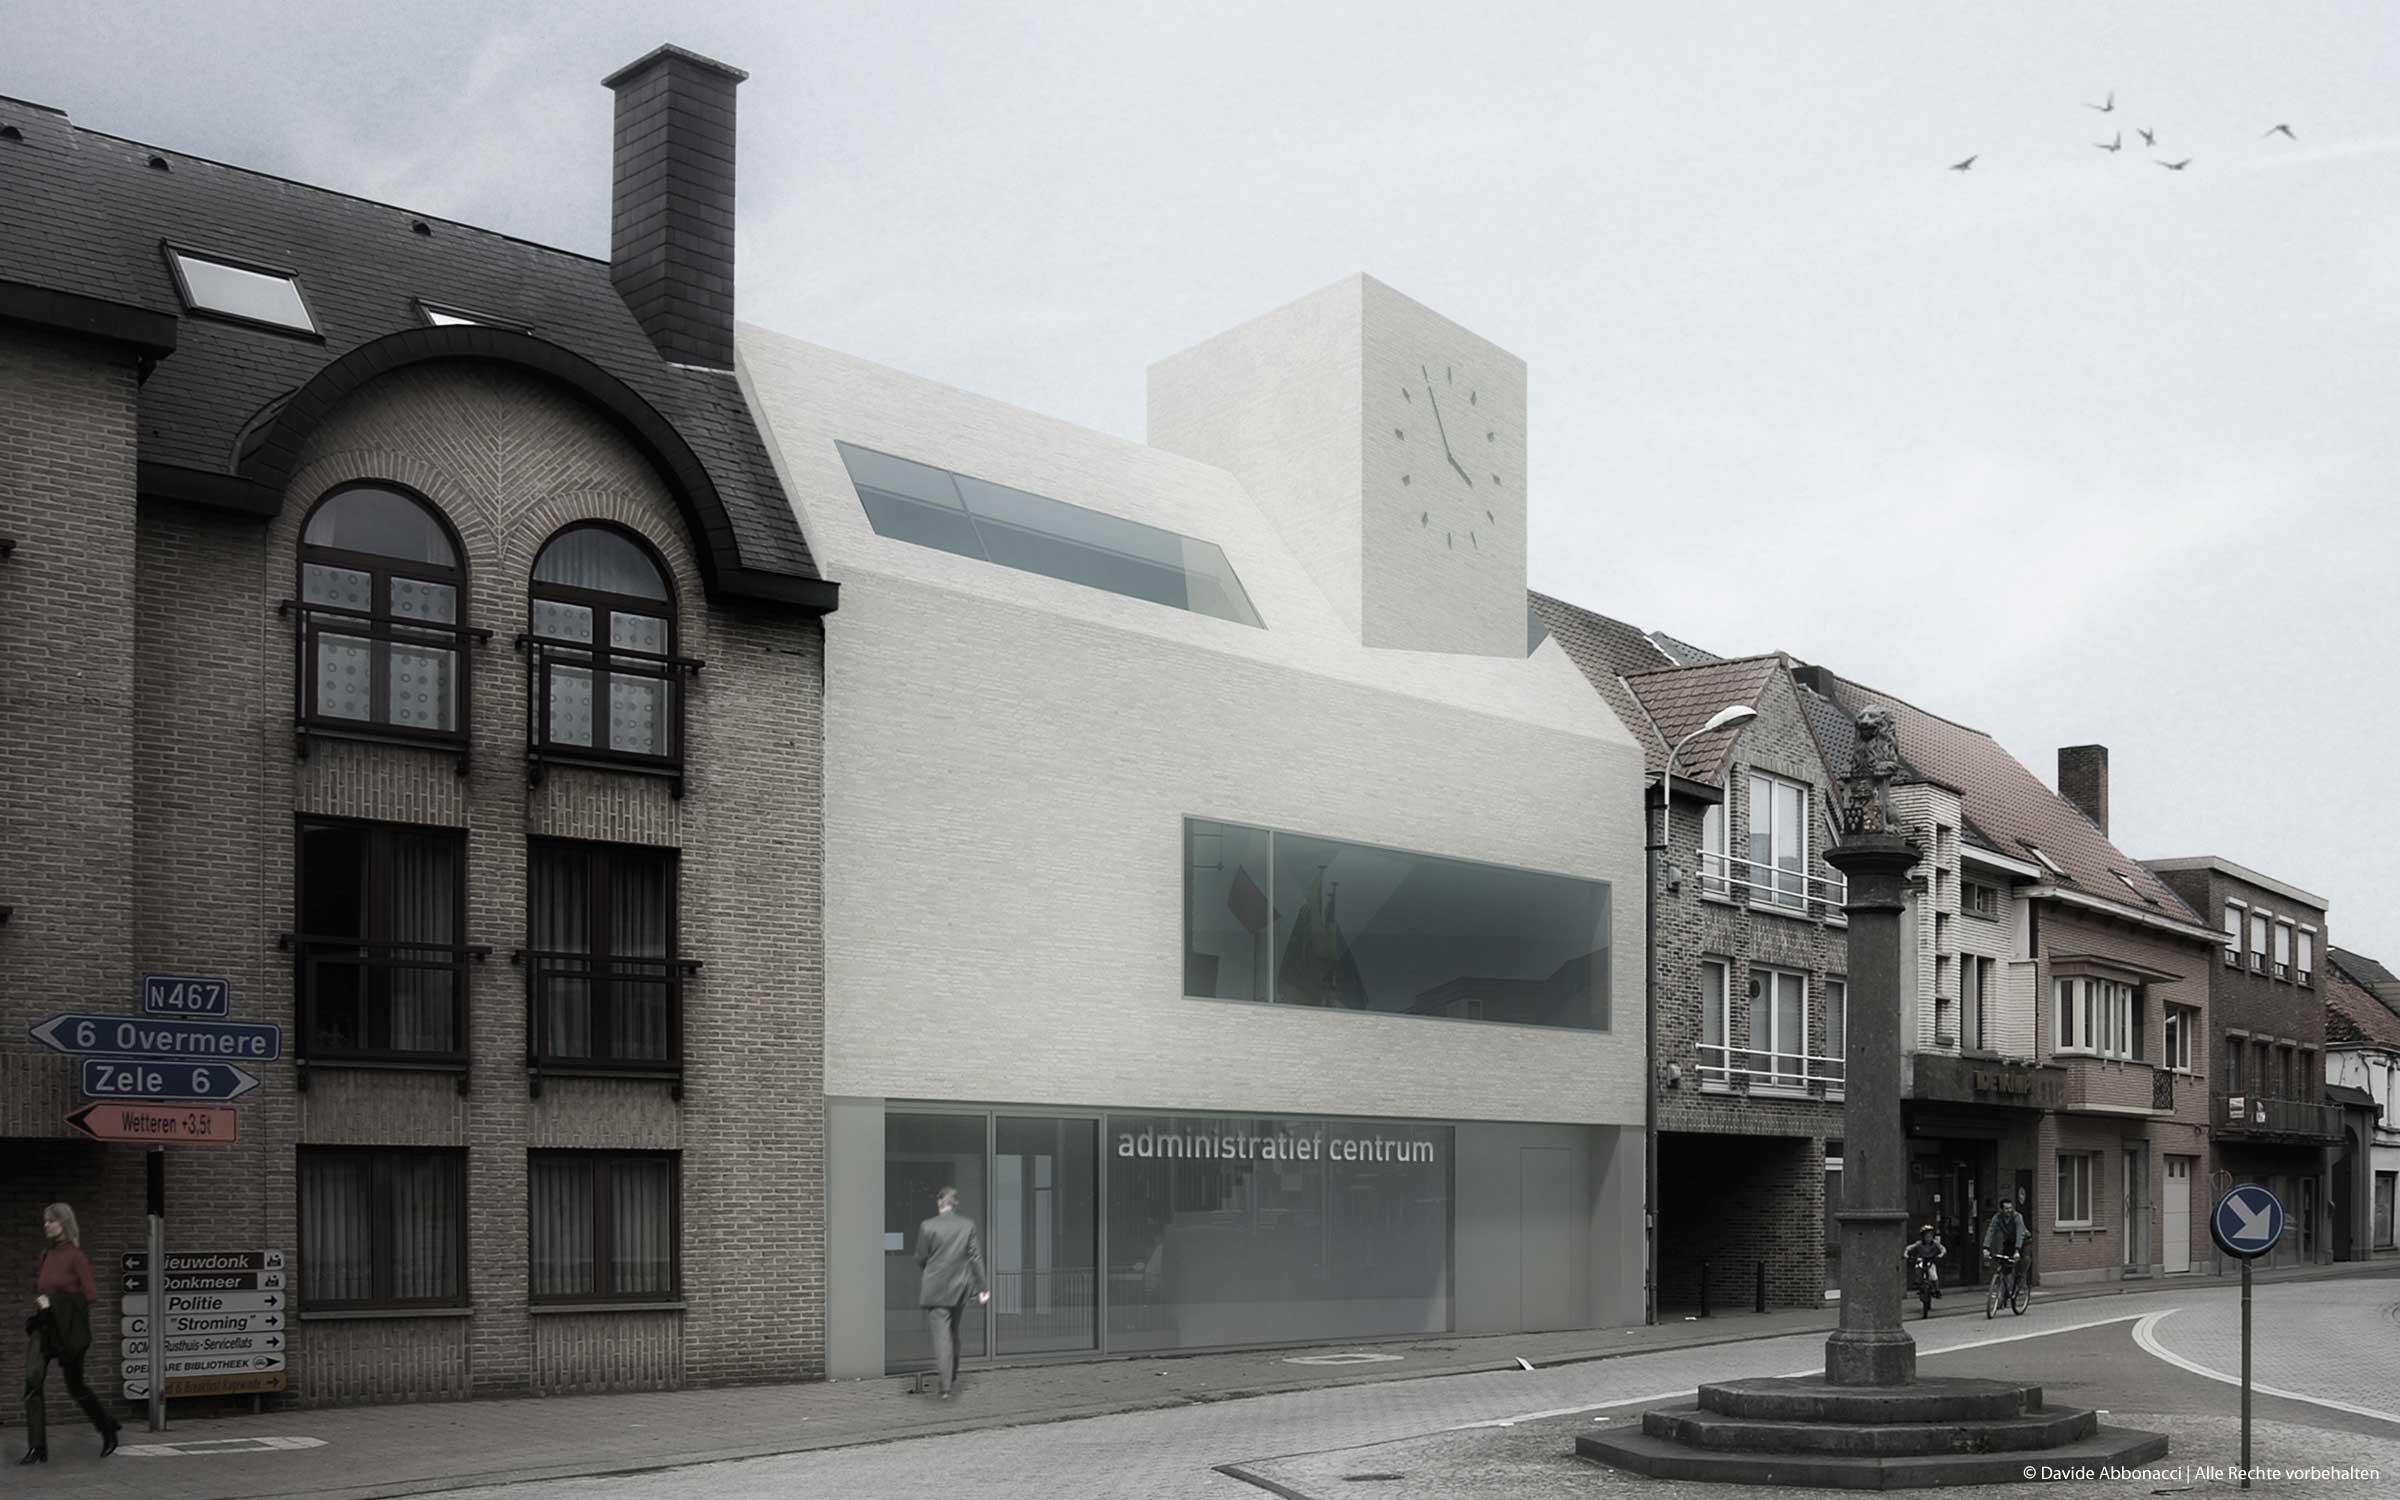 Heide Beckerath außenräume davide abbonacci 3d visualisierung berlin